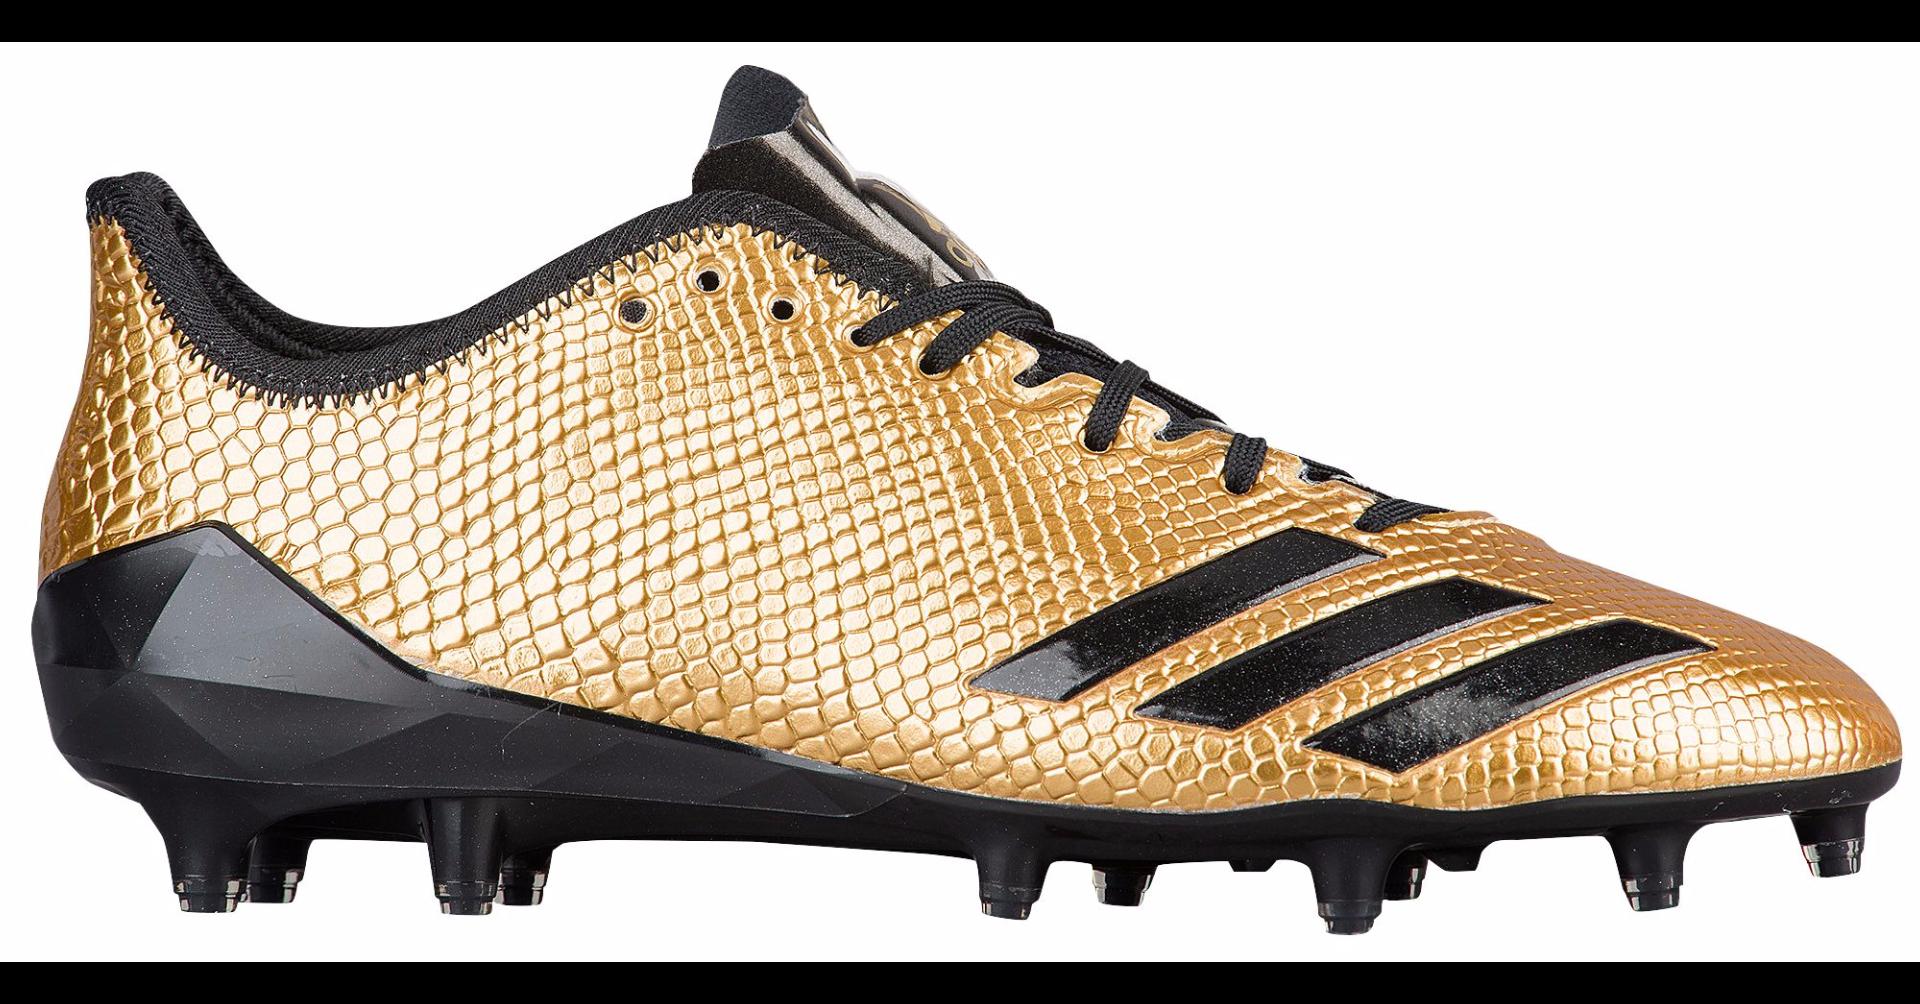 69f18f2c6 adidas adizero 5-Star 6.0 Gold Football Cleats   Cleats ...